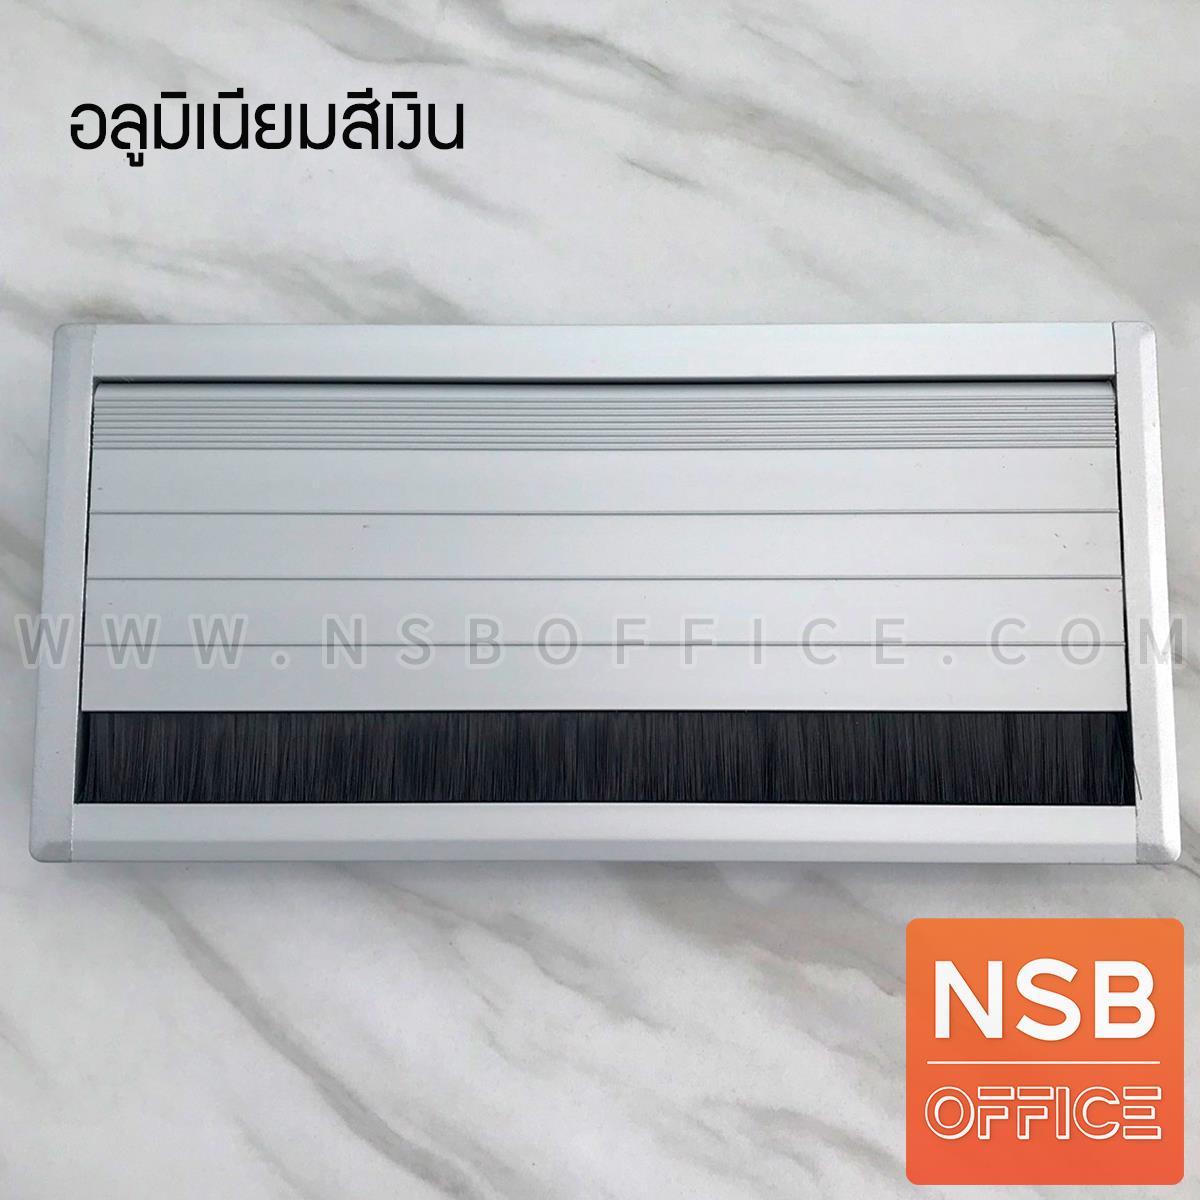 A24A012:ฝาป๊อปอัพอลูมิเนียมฝังหน้าโต๊ะ รุ่น 7210 ขนาด 30W ,40W cm.